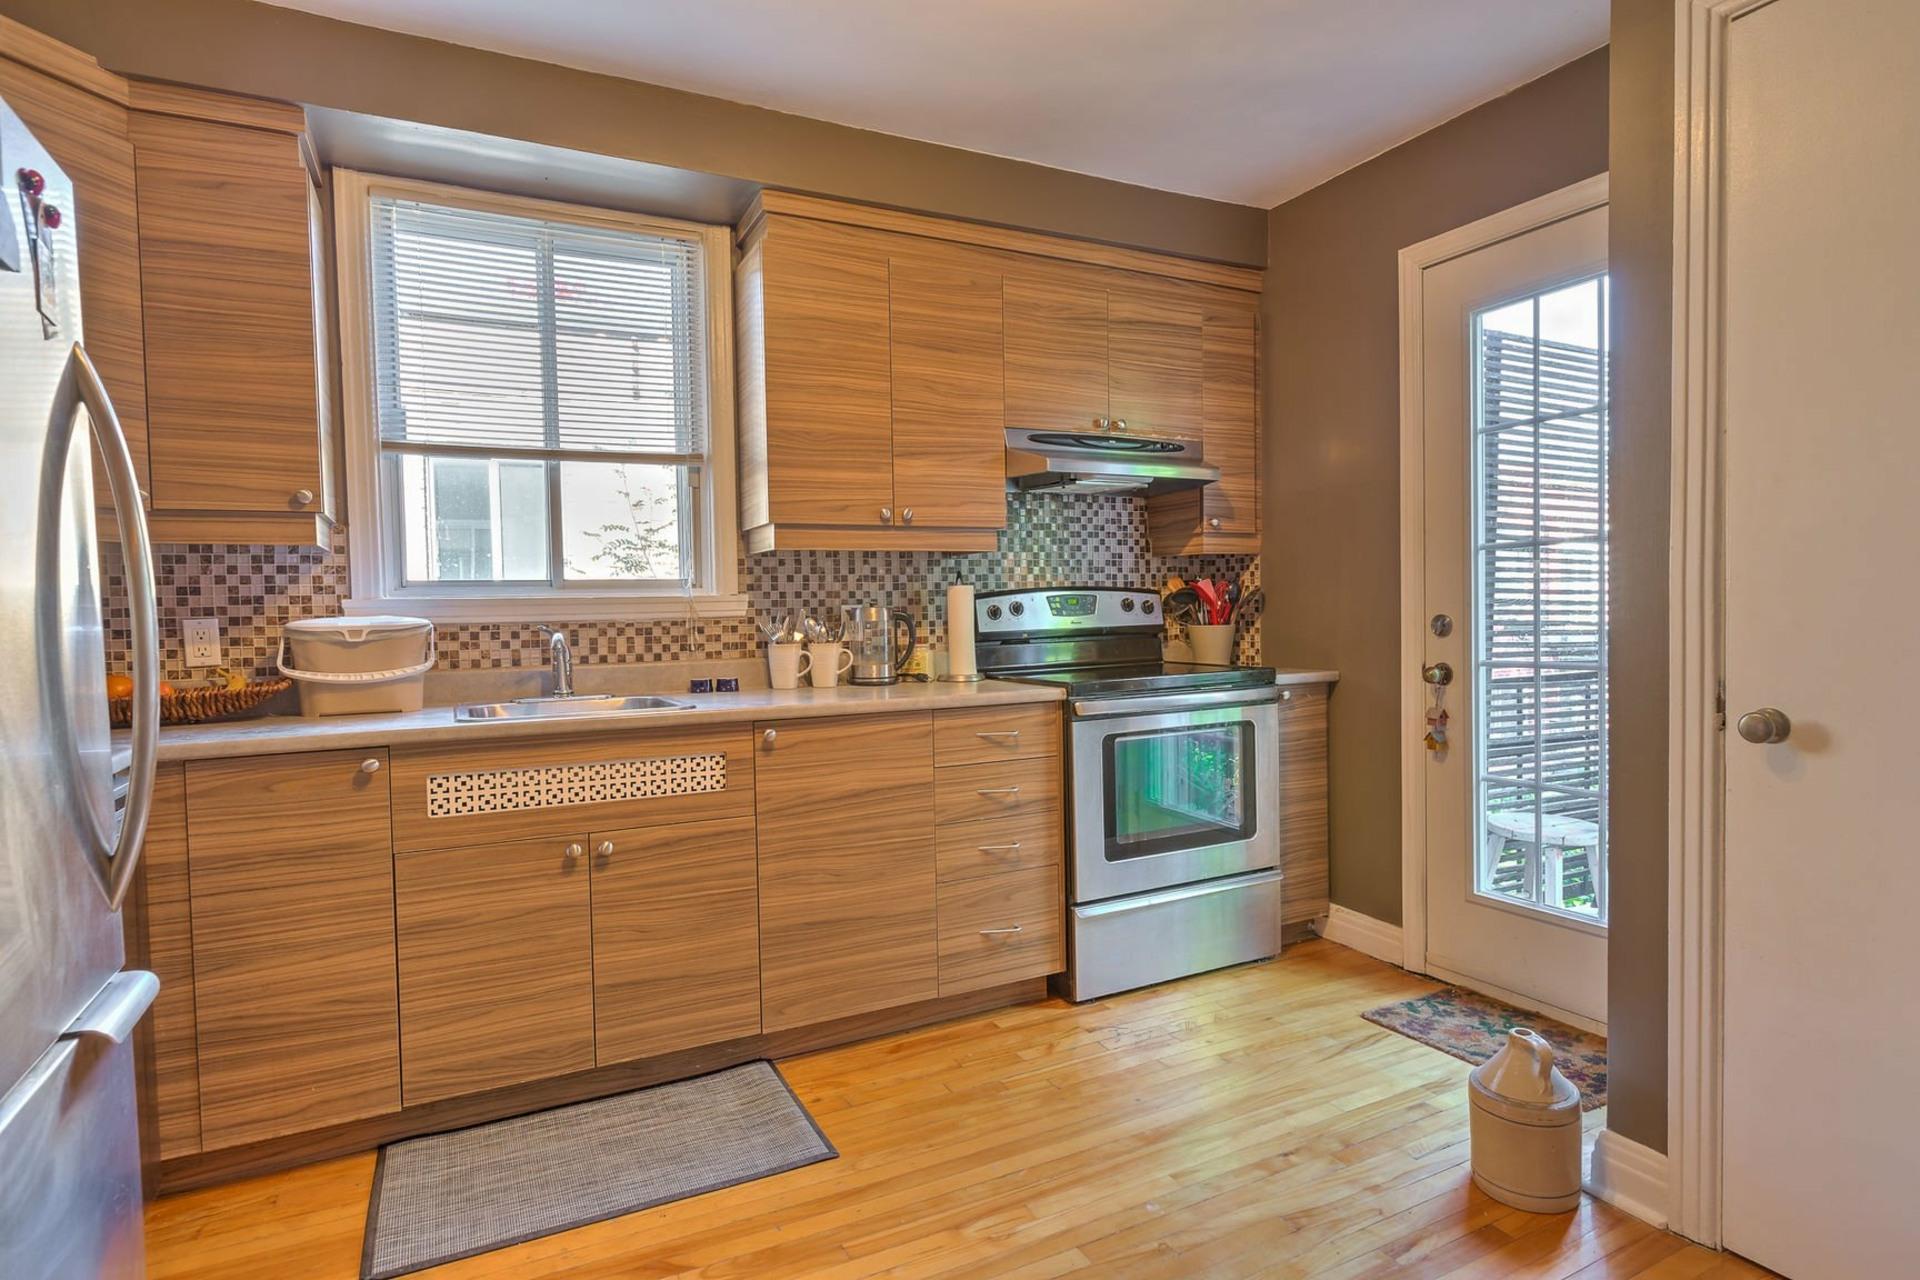 image 15 - Duplex À vendre Côte-des-Neiges/Notre-Dame-de-Grâce Montréal  - 5 pièces